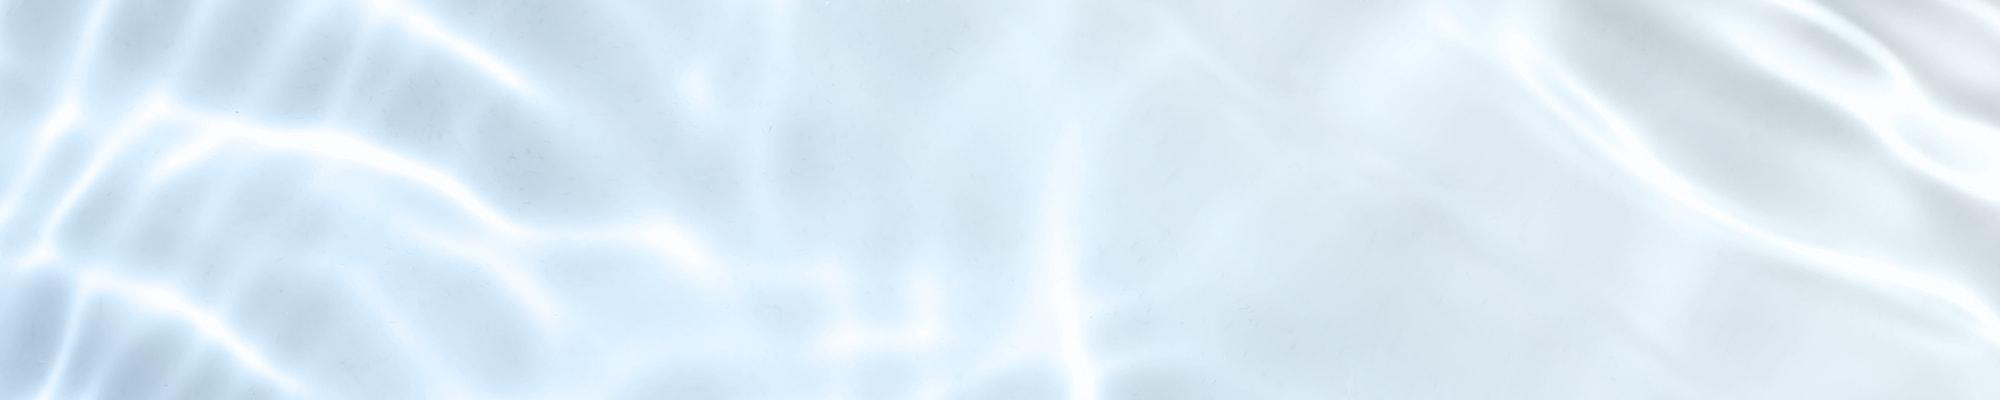 ヘッダー画像